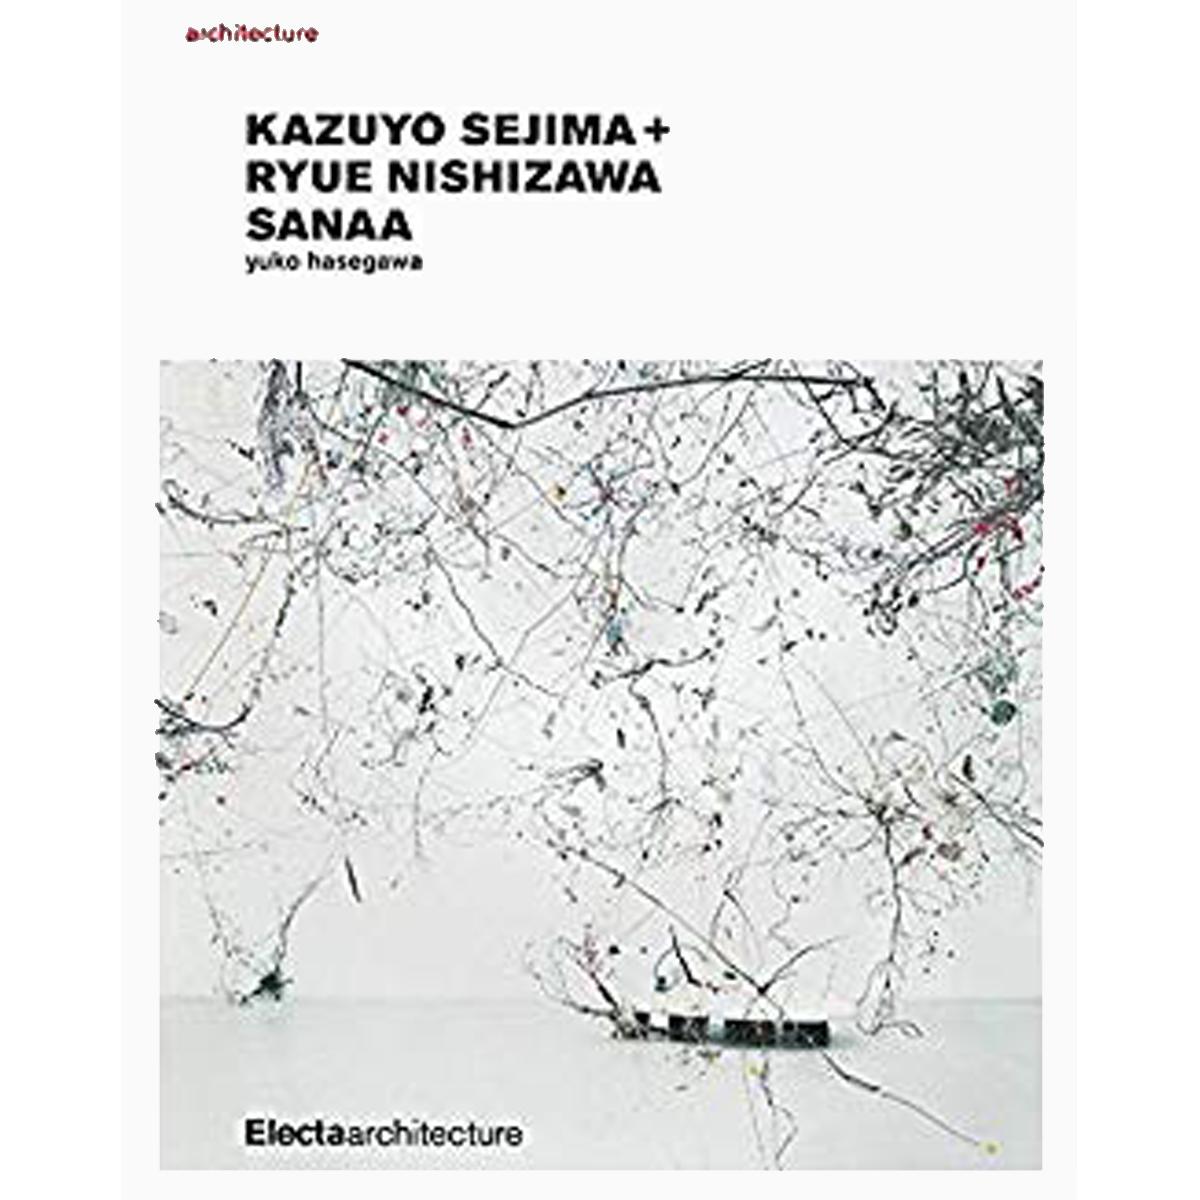 Kazuyo Sejima + Ryue Nishizawa, SANAA